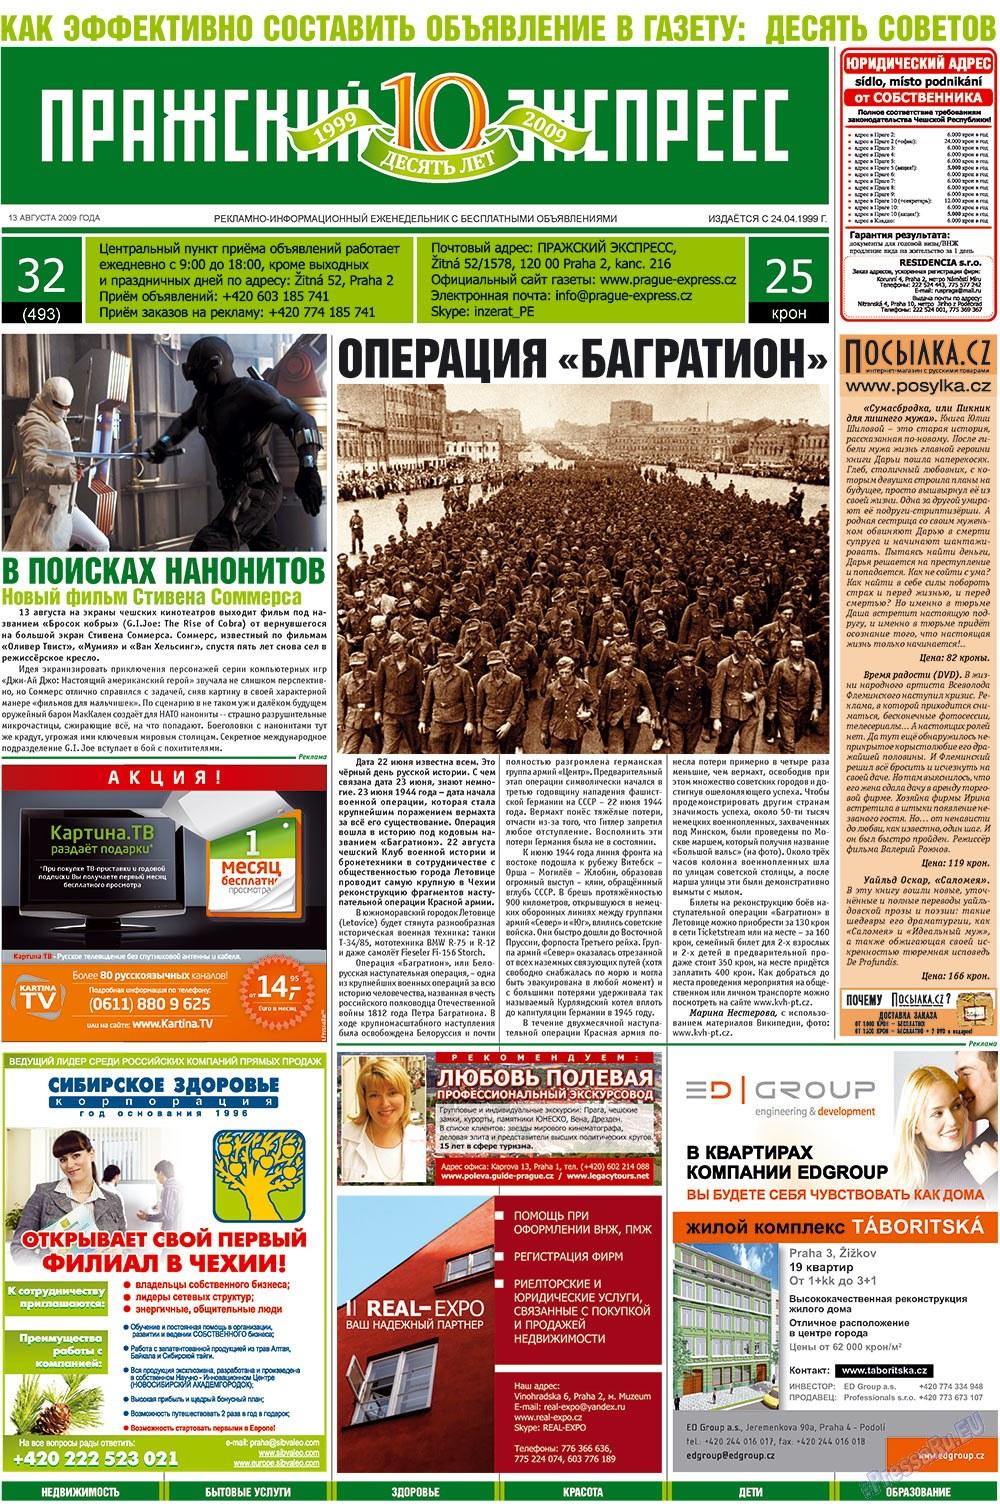 Пражский экспресс (газета). 2009 год, номер 32, стр. 1